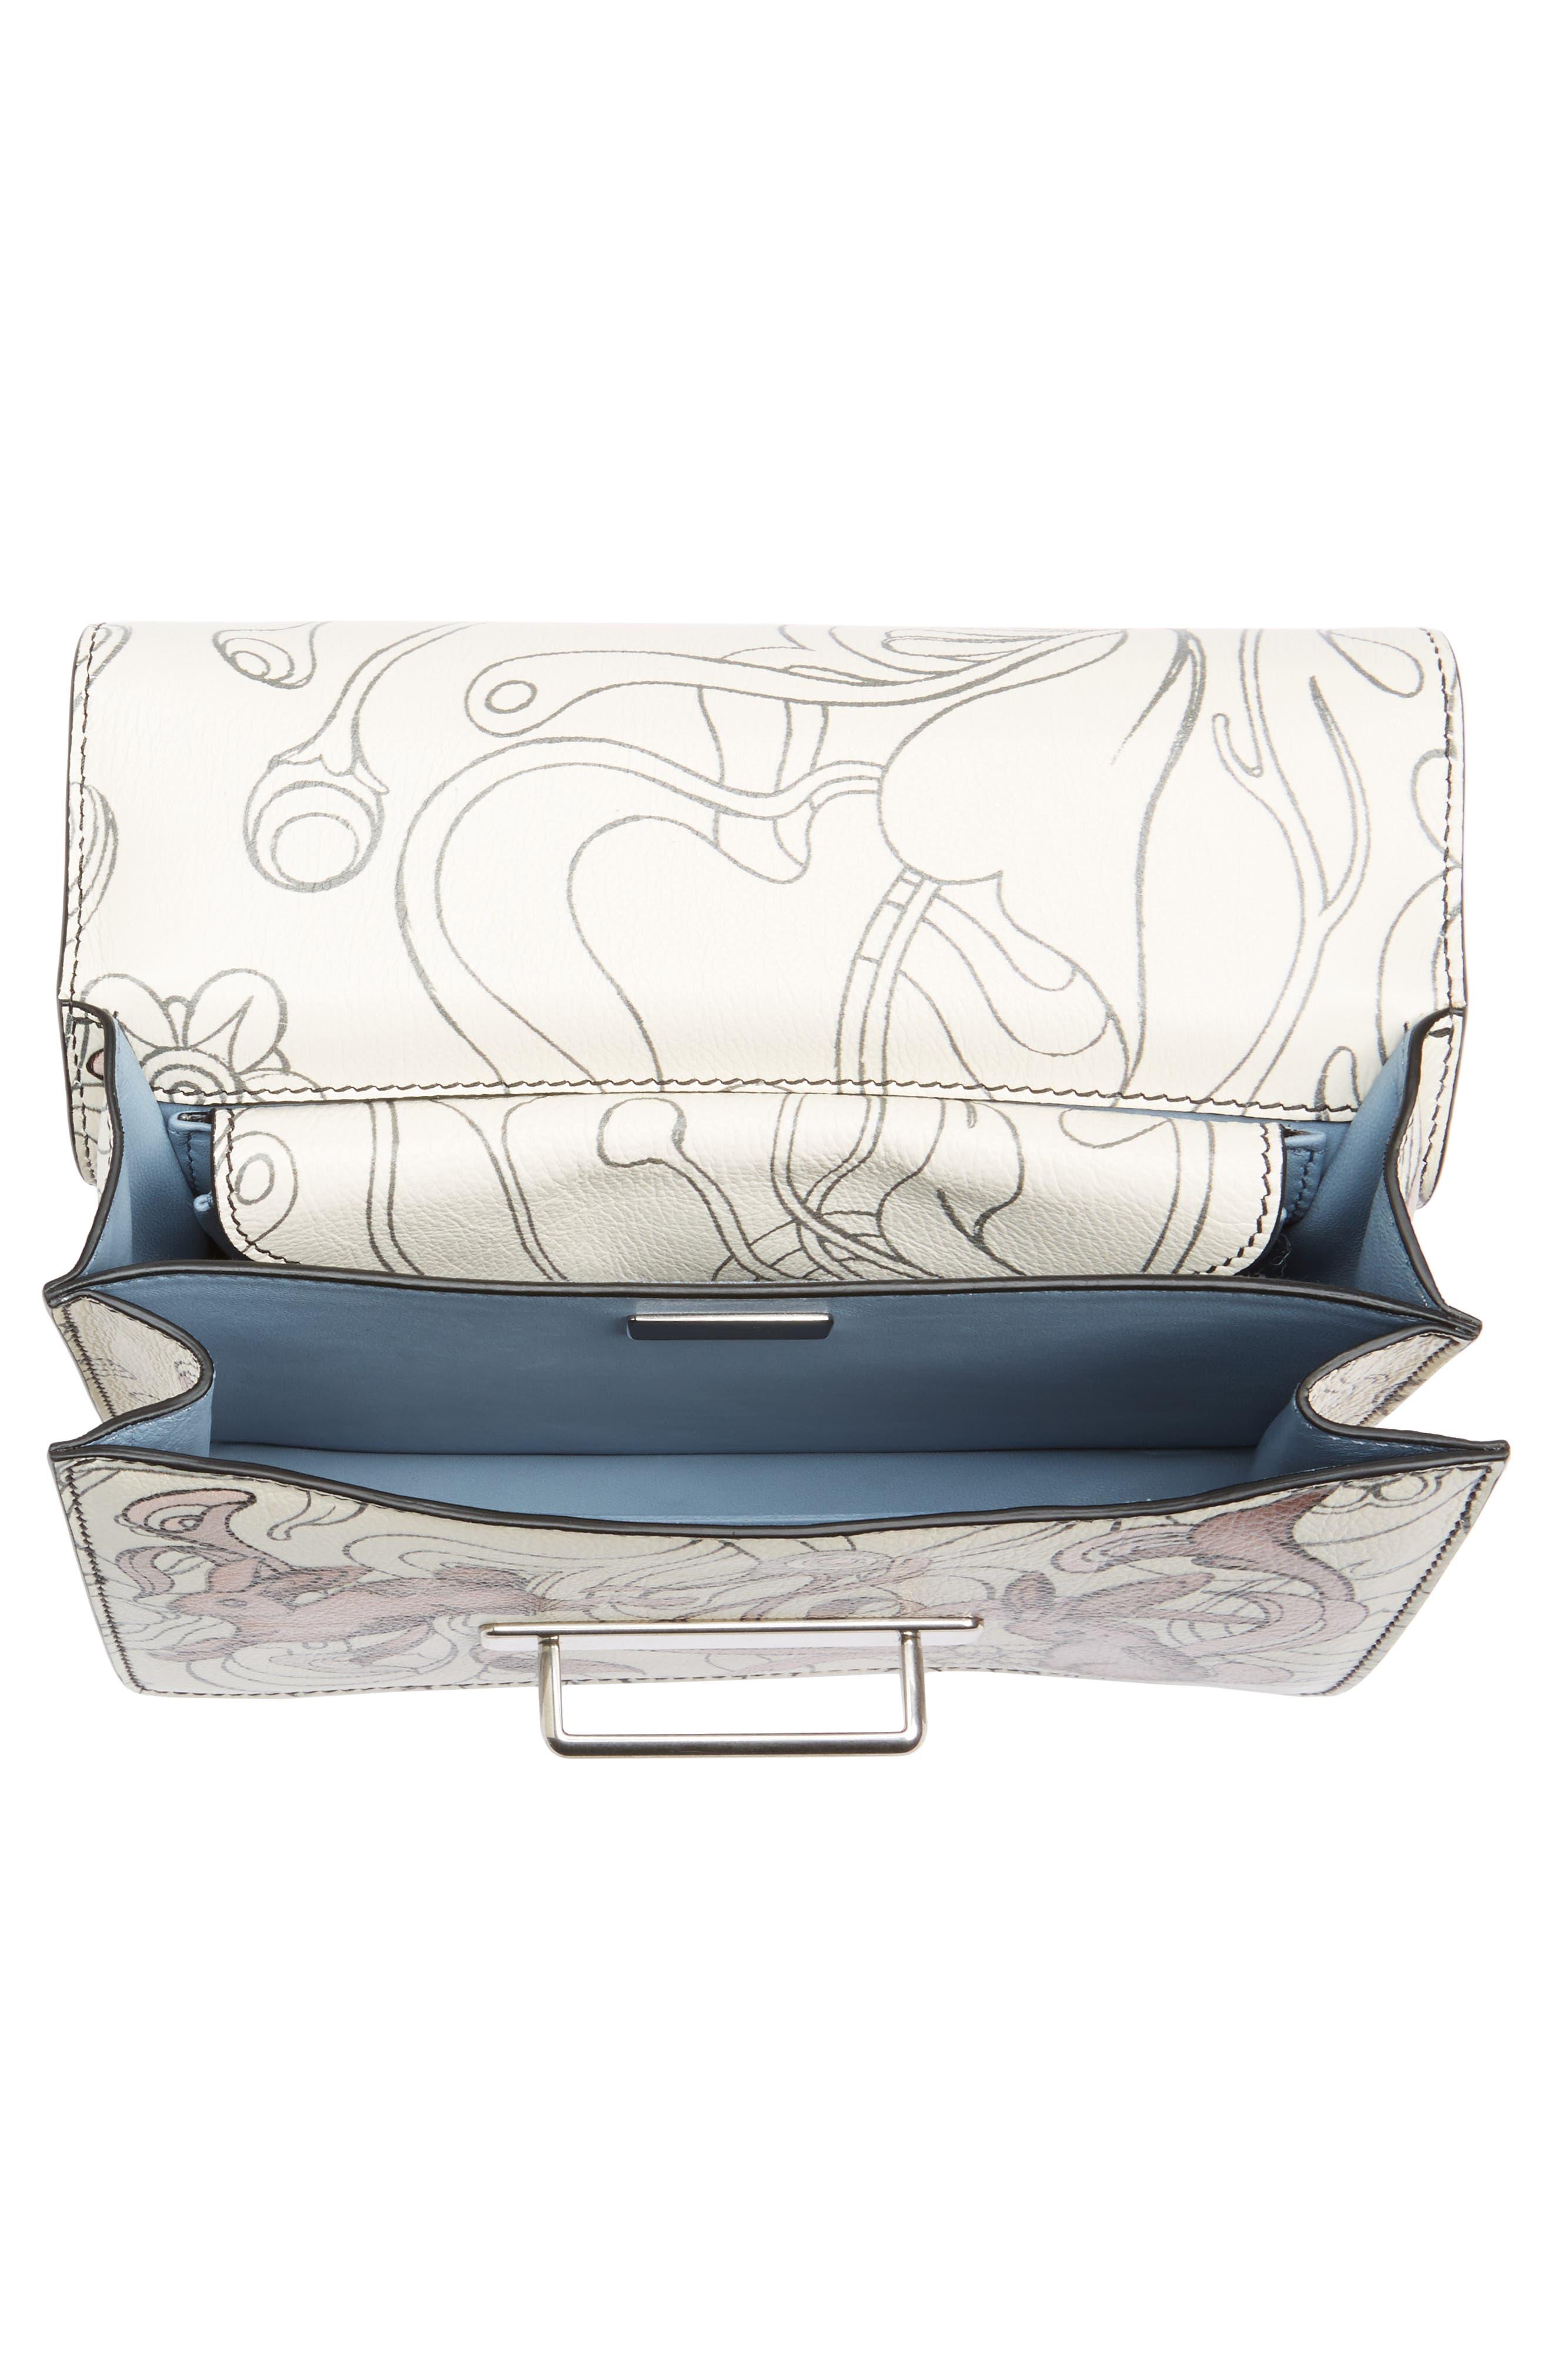 Cahier Calfskin Shoulder Bag,                             Alternate thumbnail 4, color,                             100